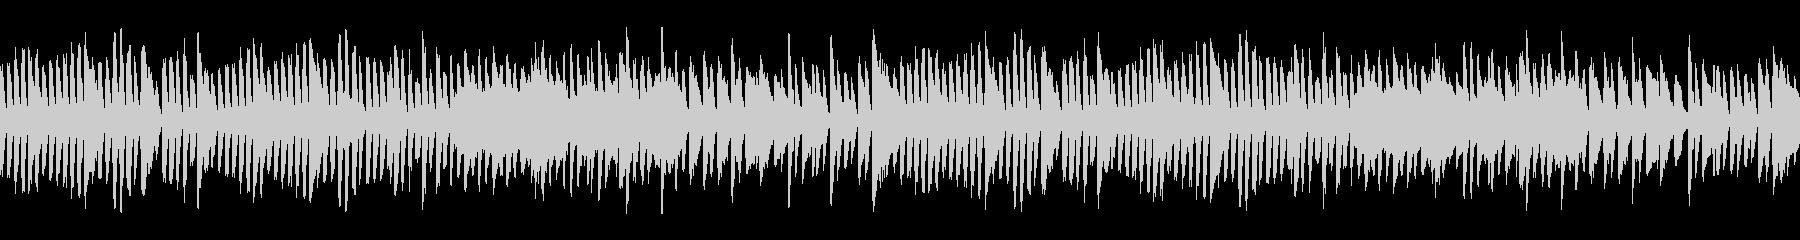 シンプルなピアノ曲【ジングルベル】の未再生の波形